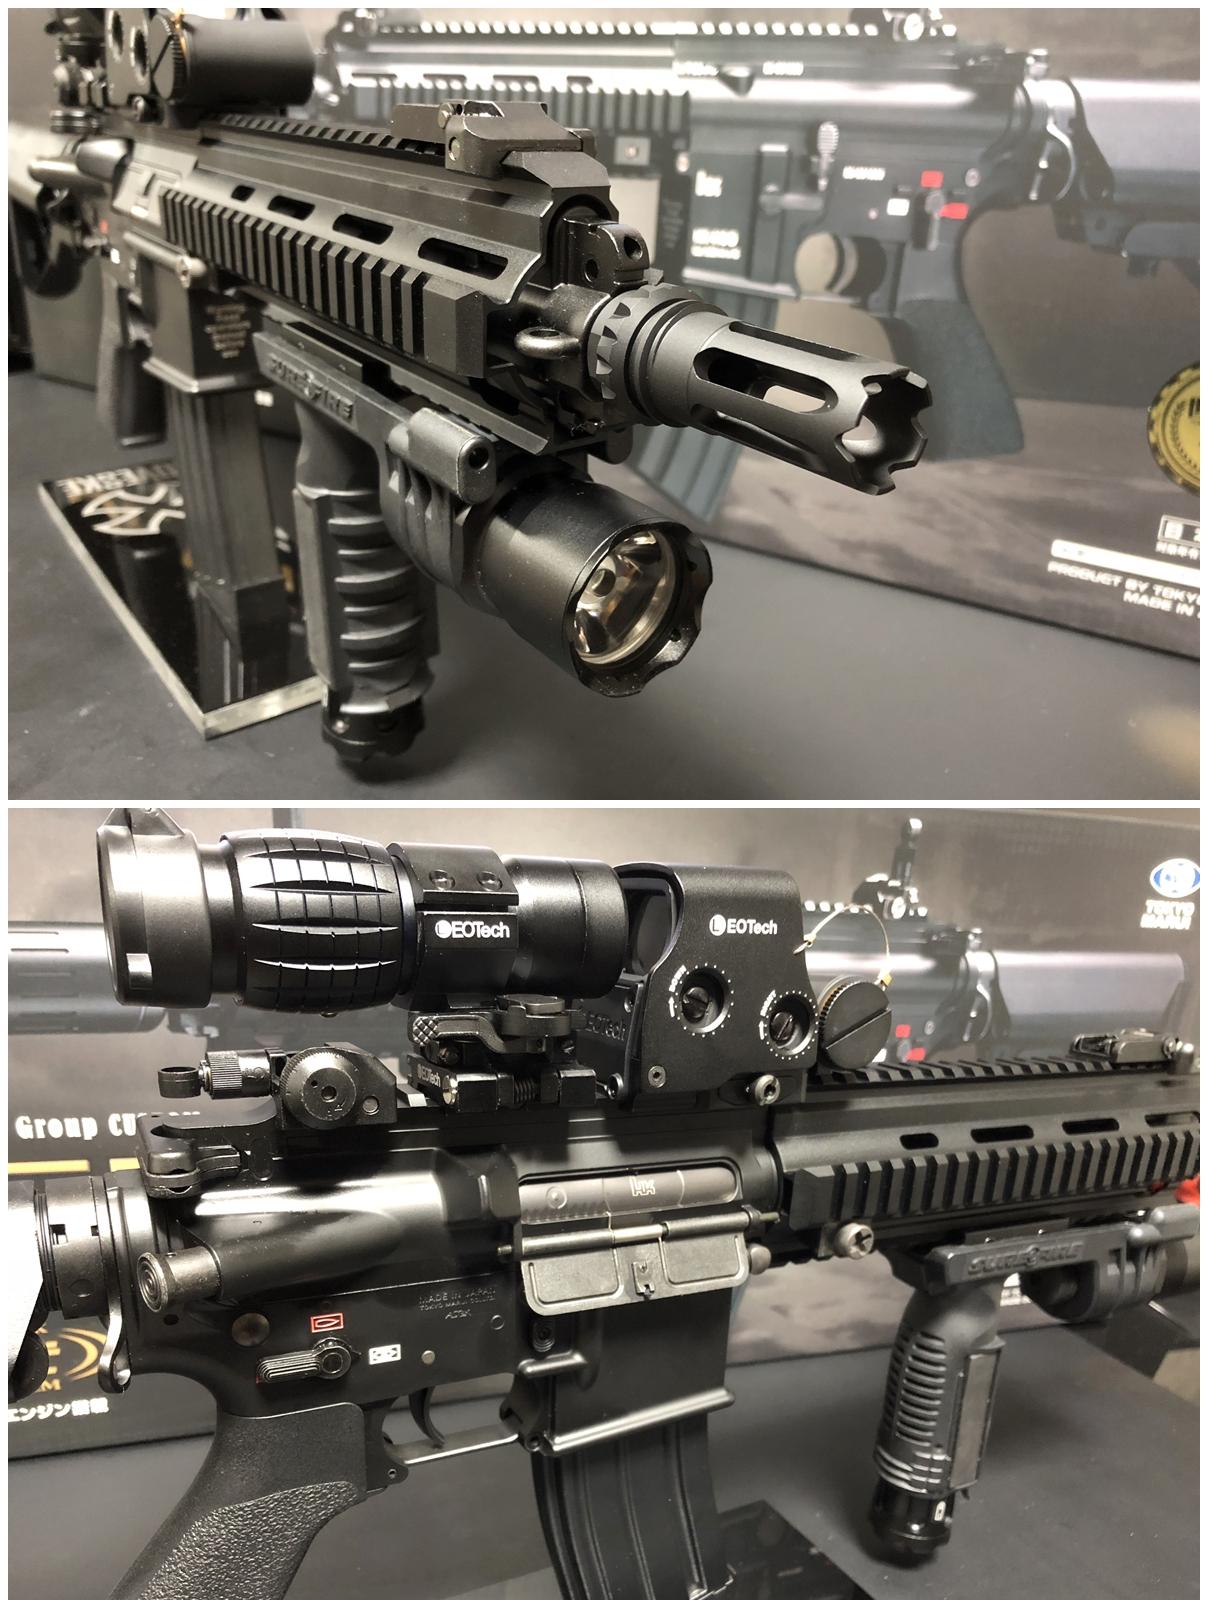 18 東京マルイ 次世代電動ガン HK416D DEVGRU デブグル アメリカ海軍特殊部隊 DEVGRU Seal Team6 新品 箱出し カスタム お勧めパーツ 取付 レビュー